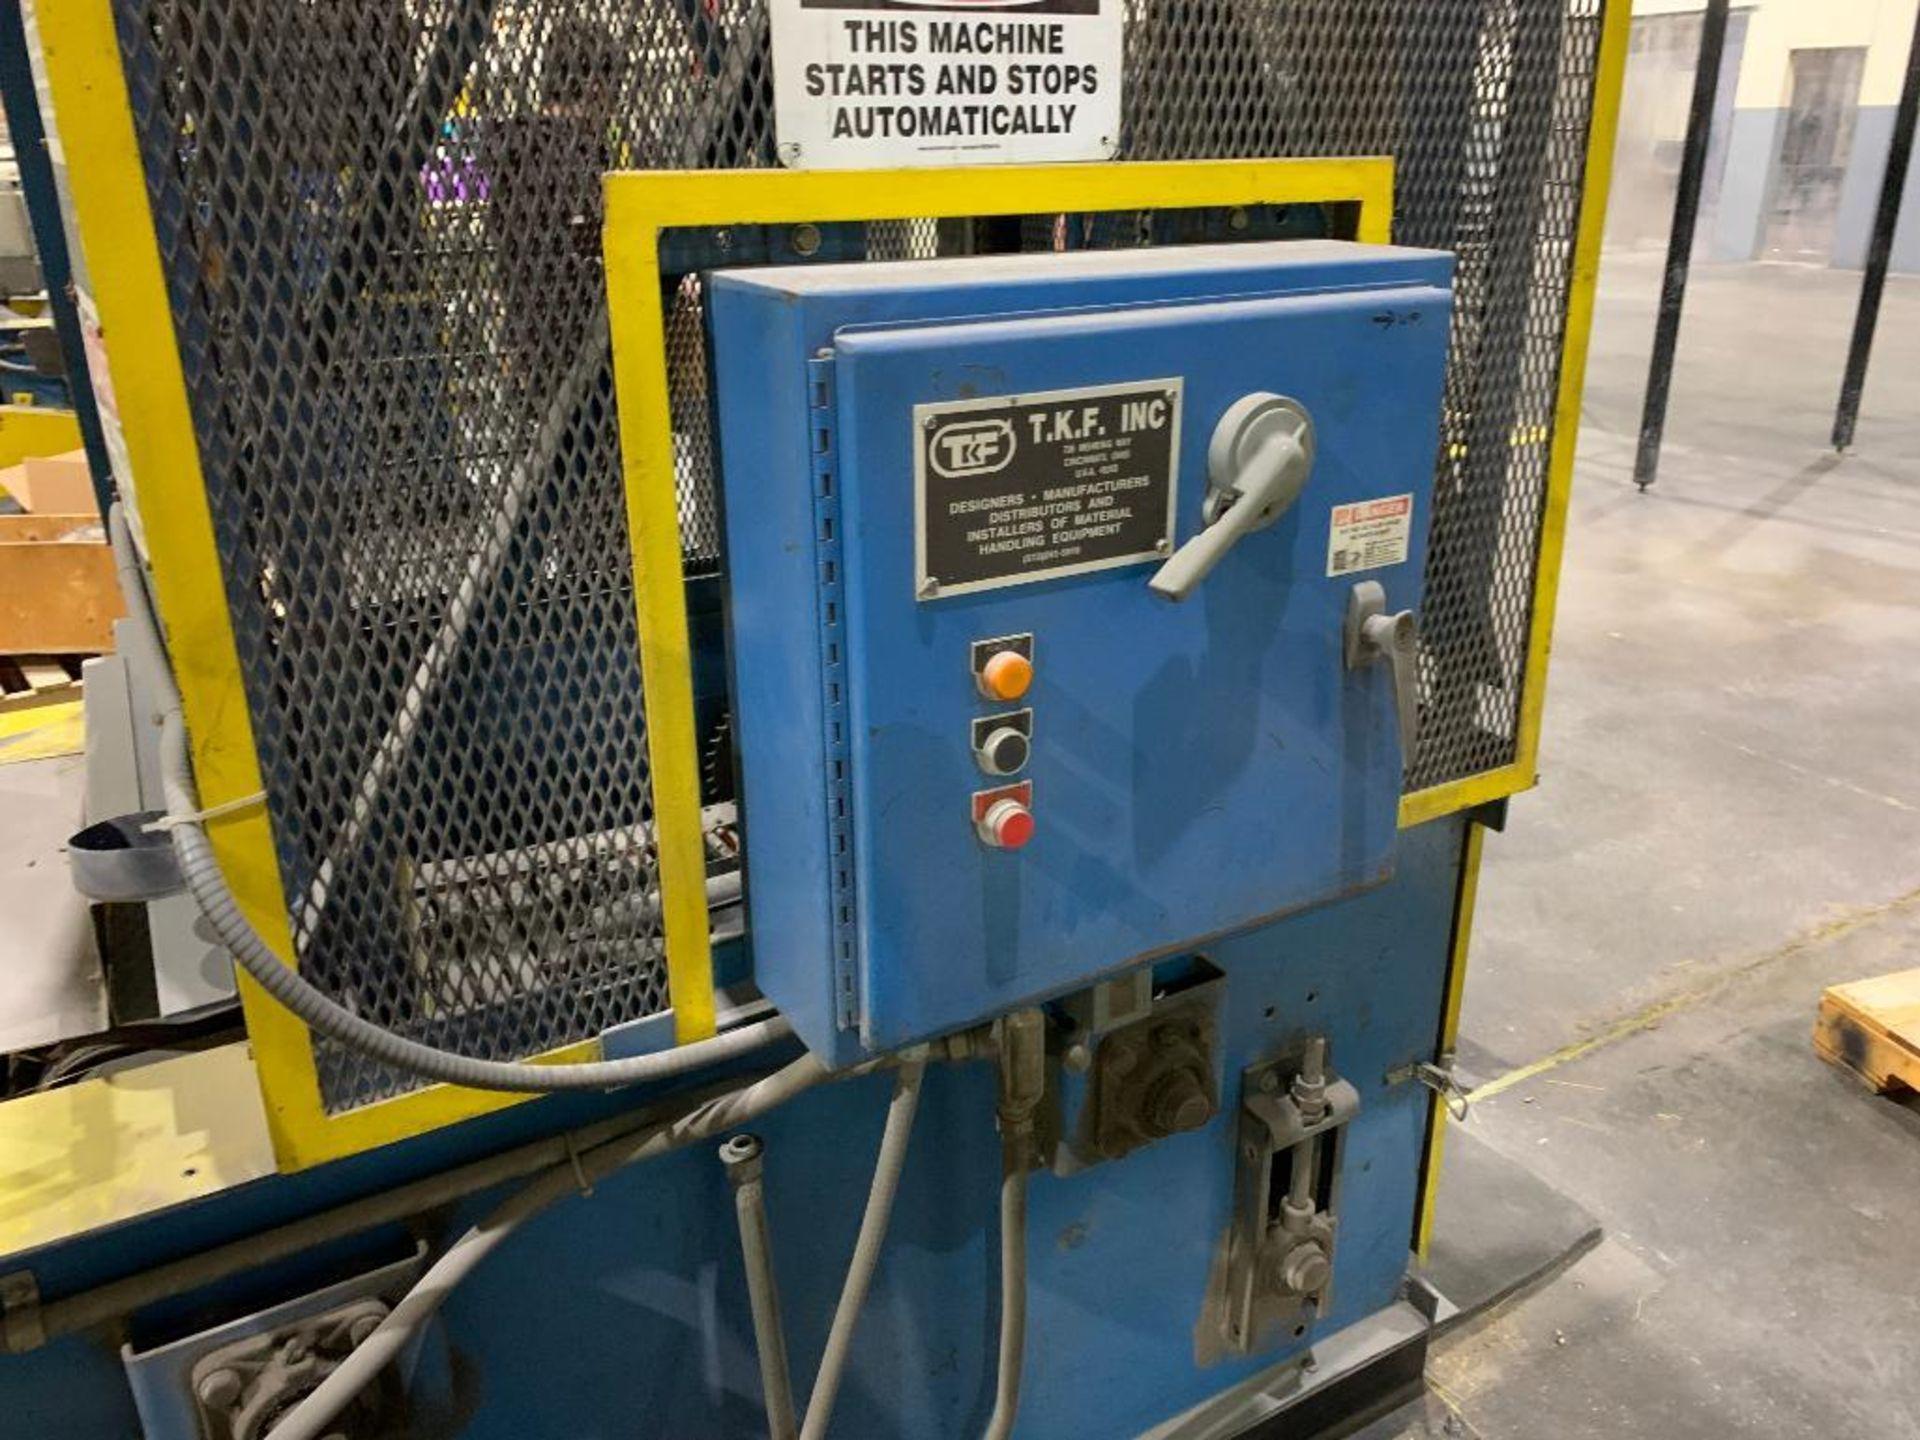 TKF vertical case elevator - Image 5 of 13